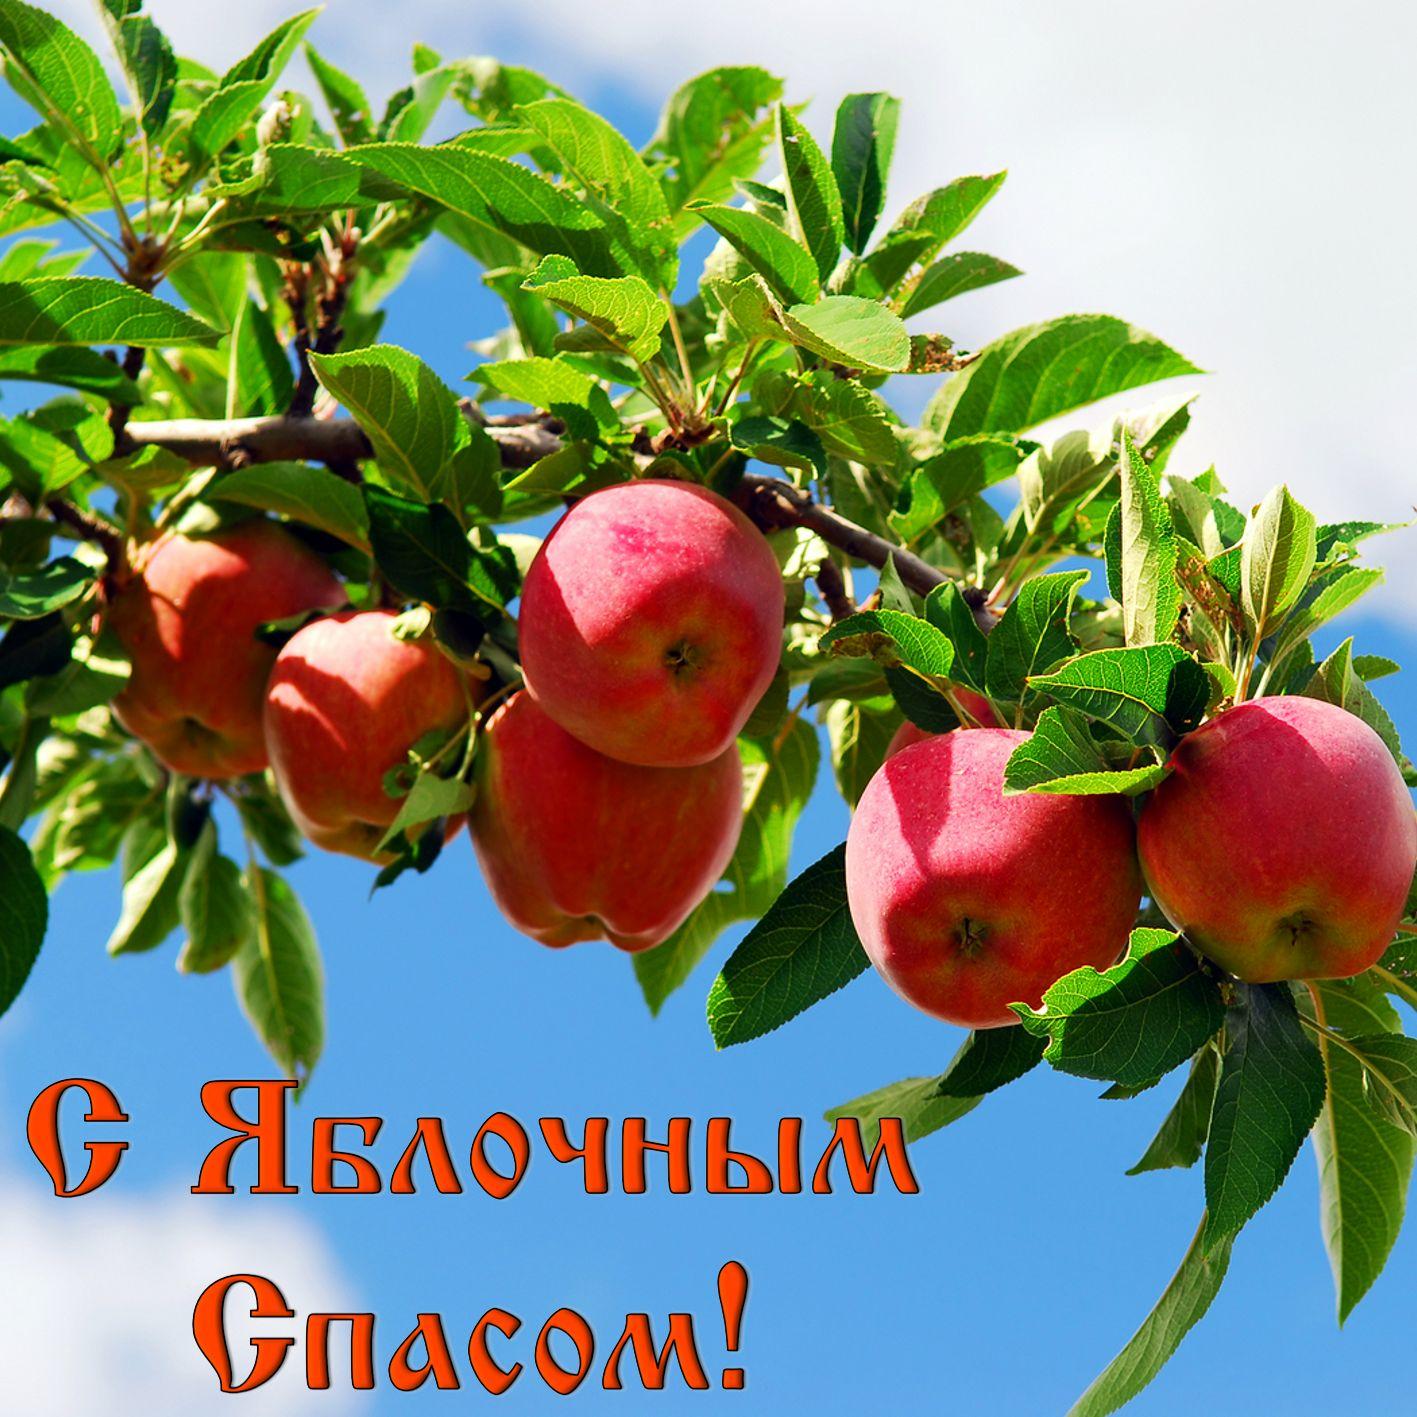 Картинки поздравления к яблочному спасу